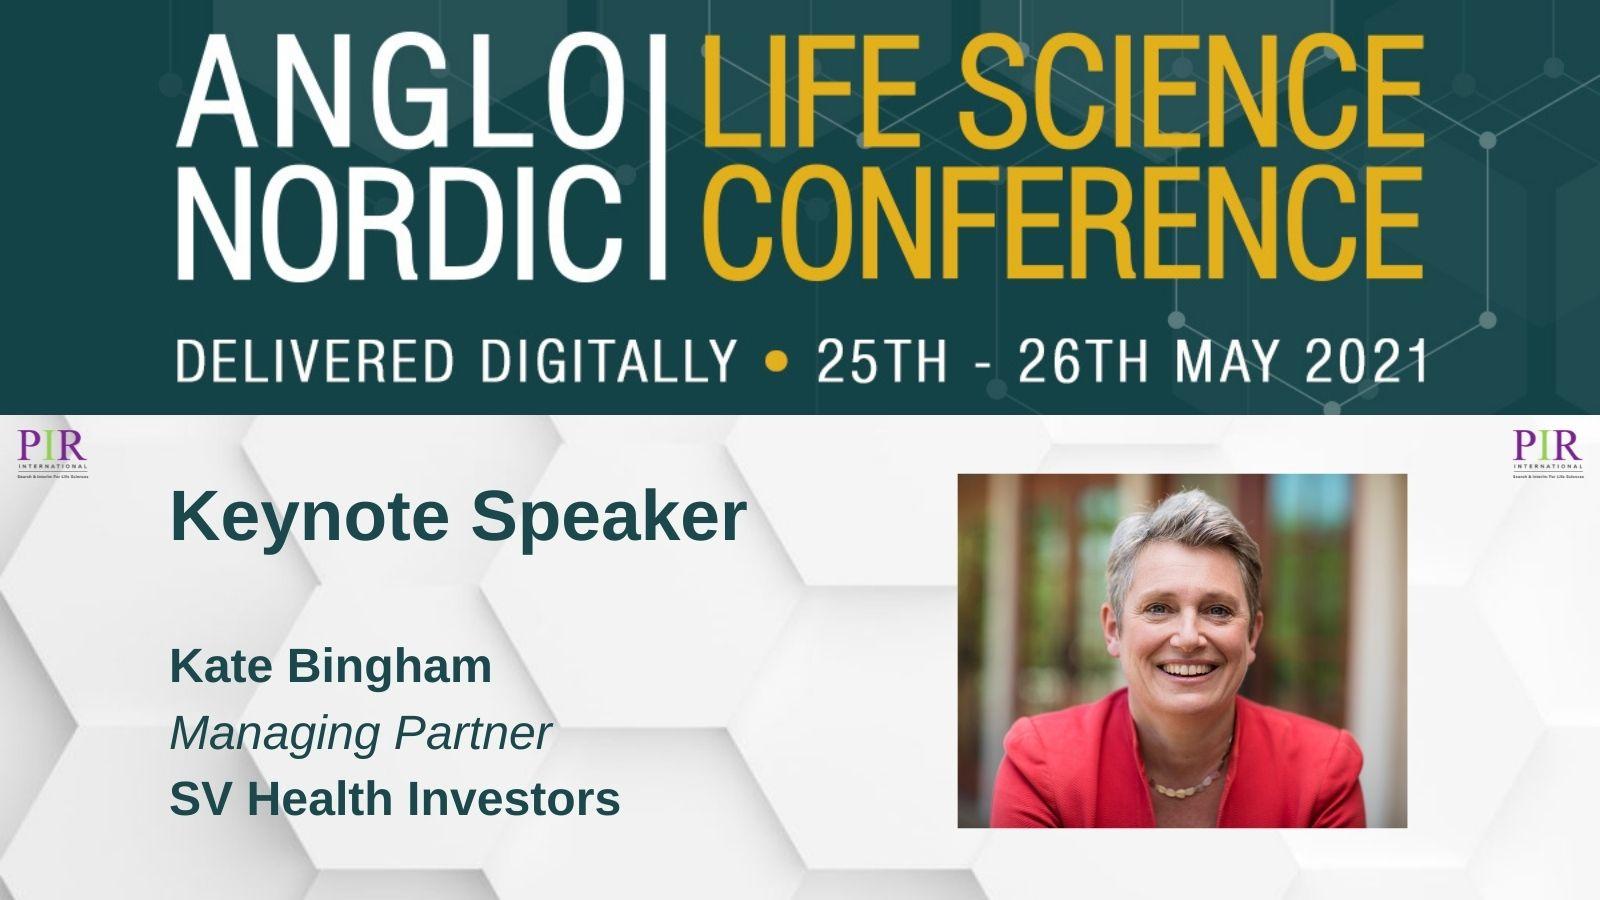 Kate Bingham Keynote Speaker